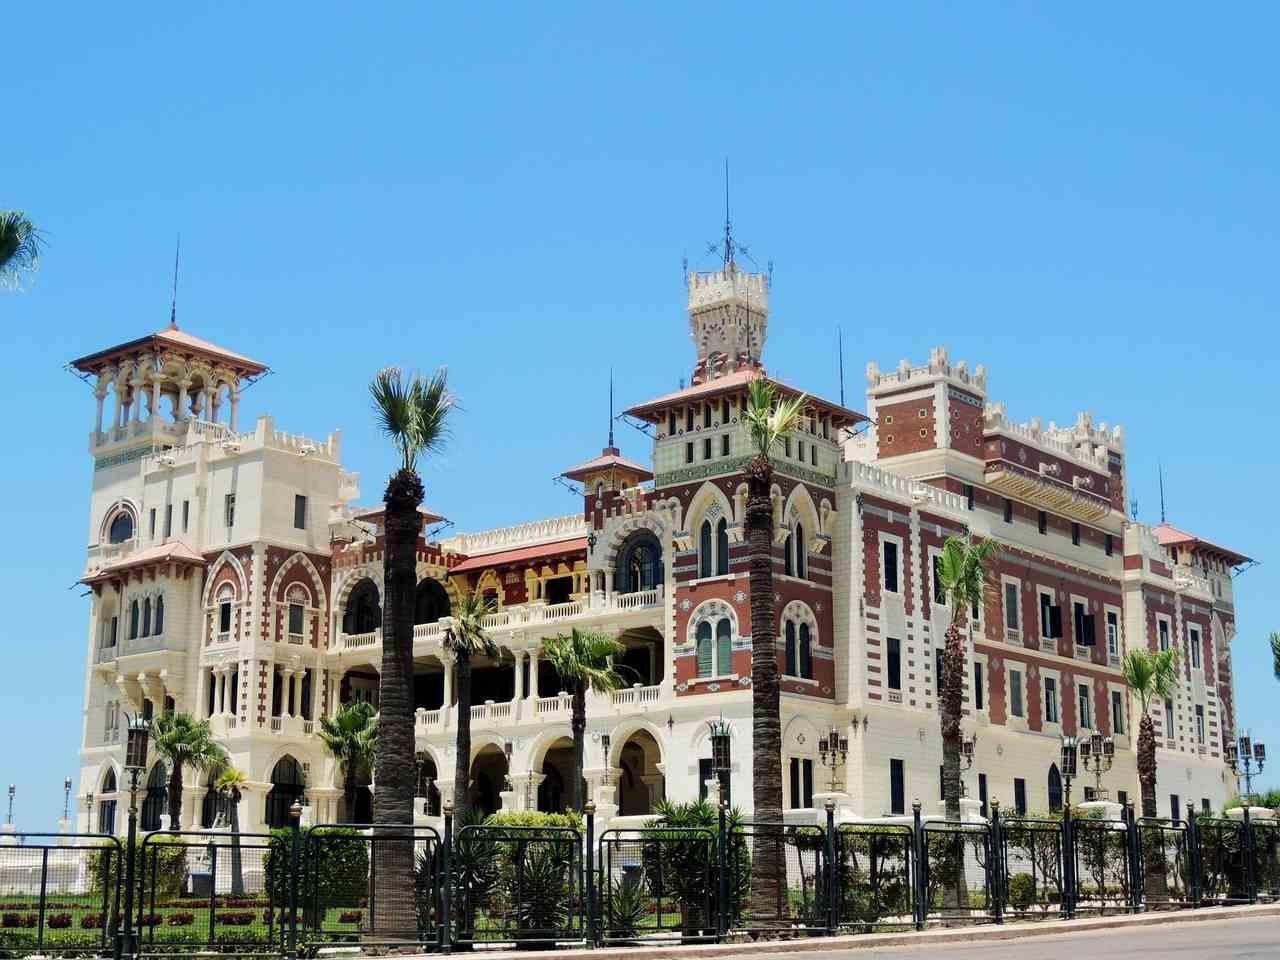 أهم معالم الإسكندرية - قصر المنتزه